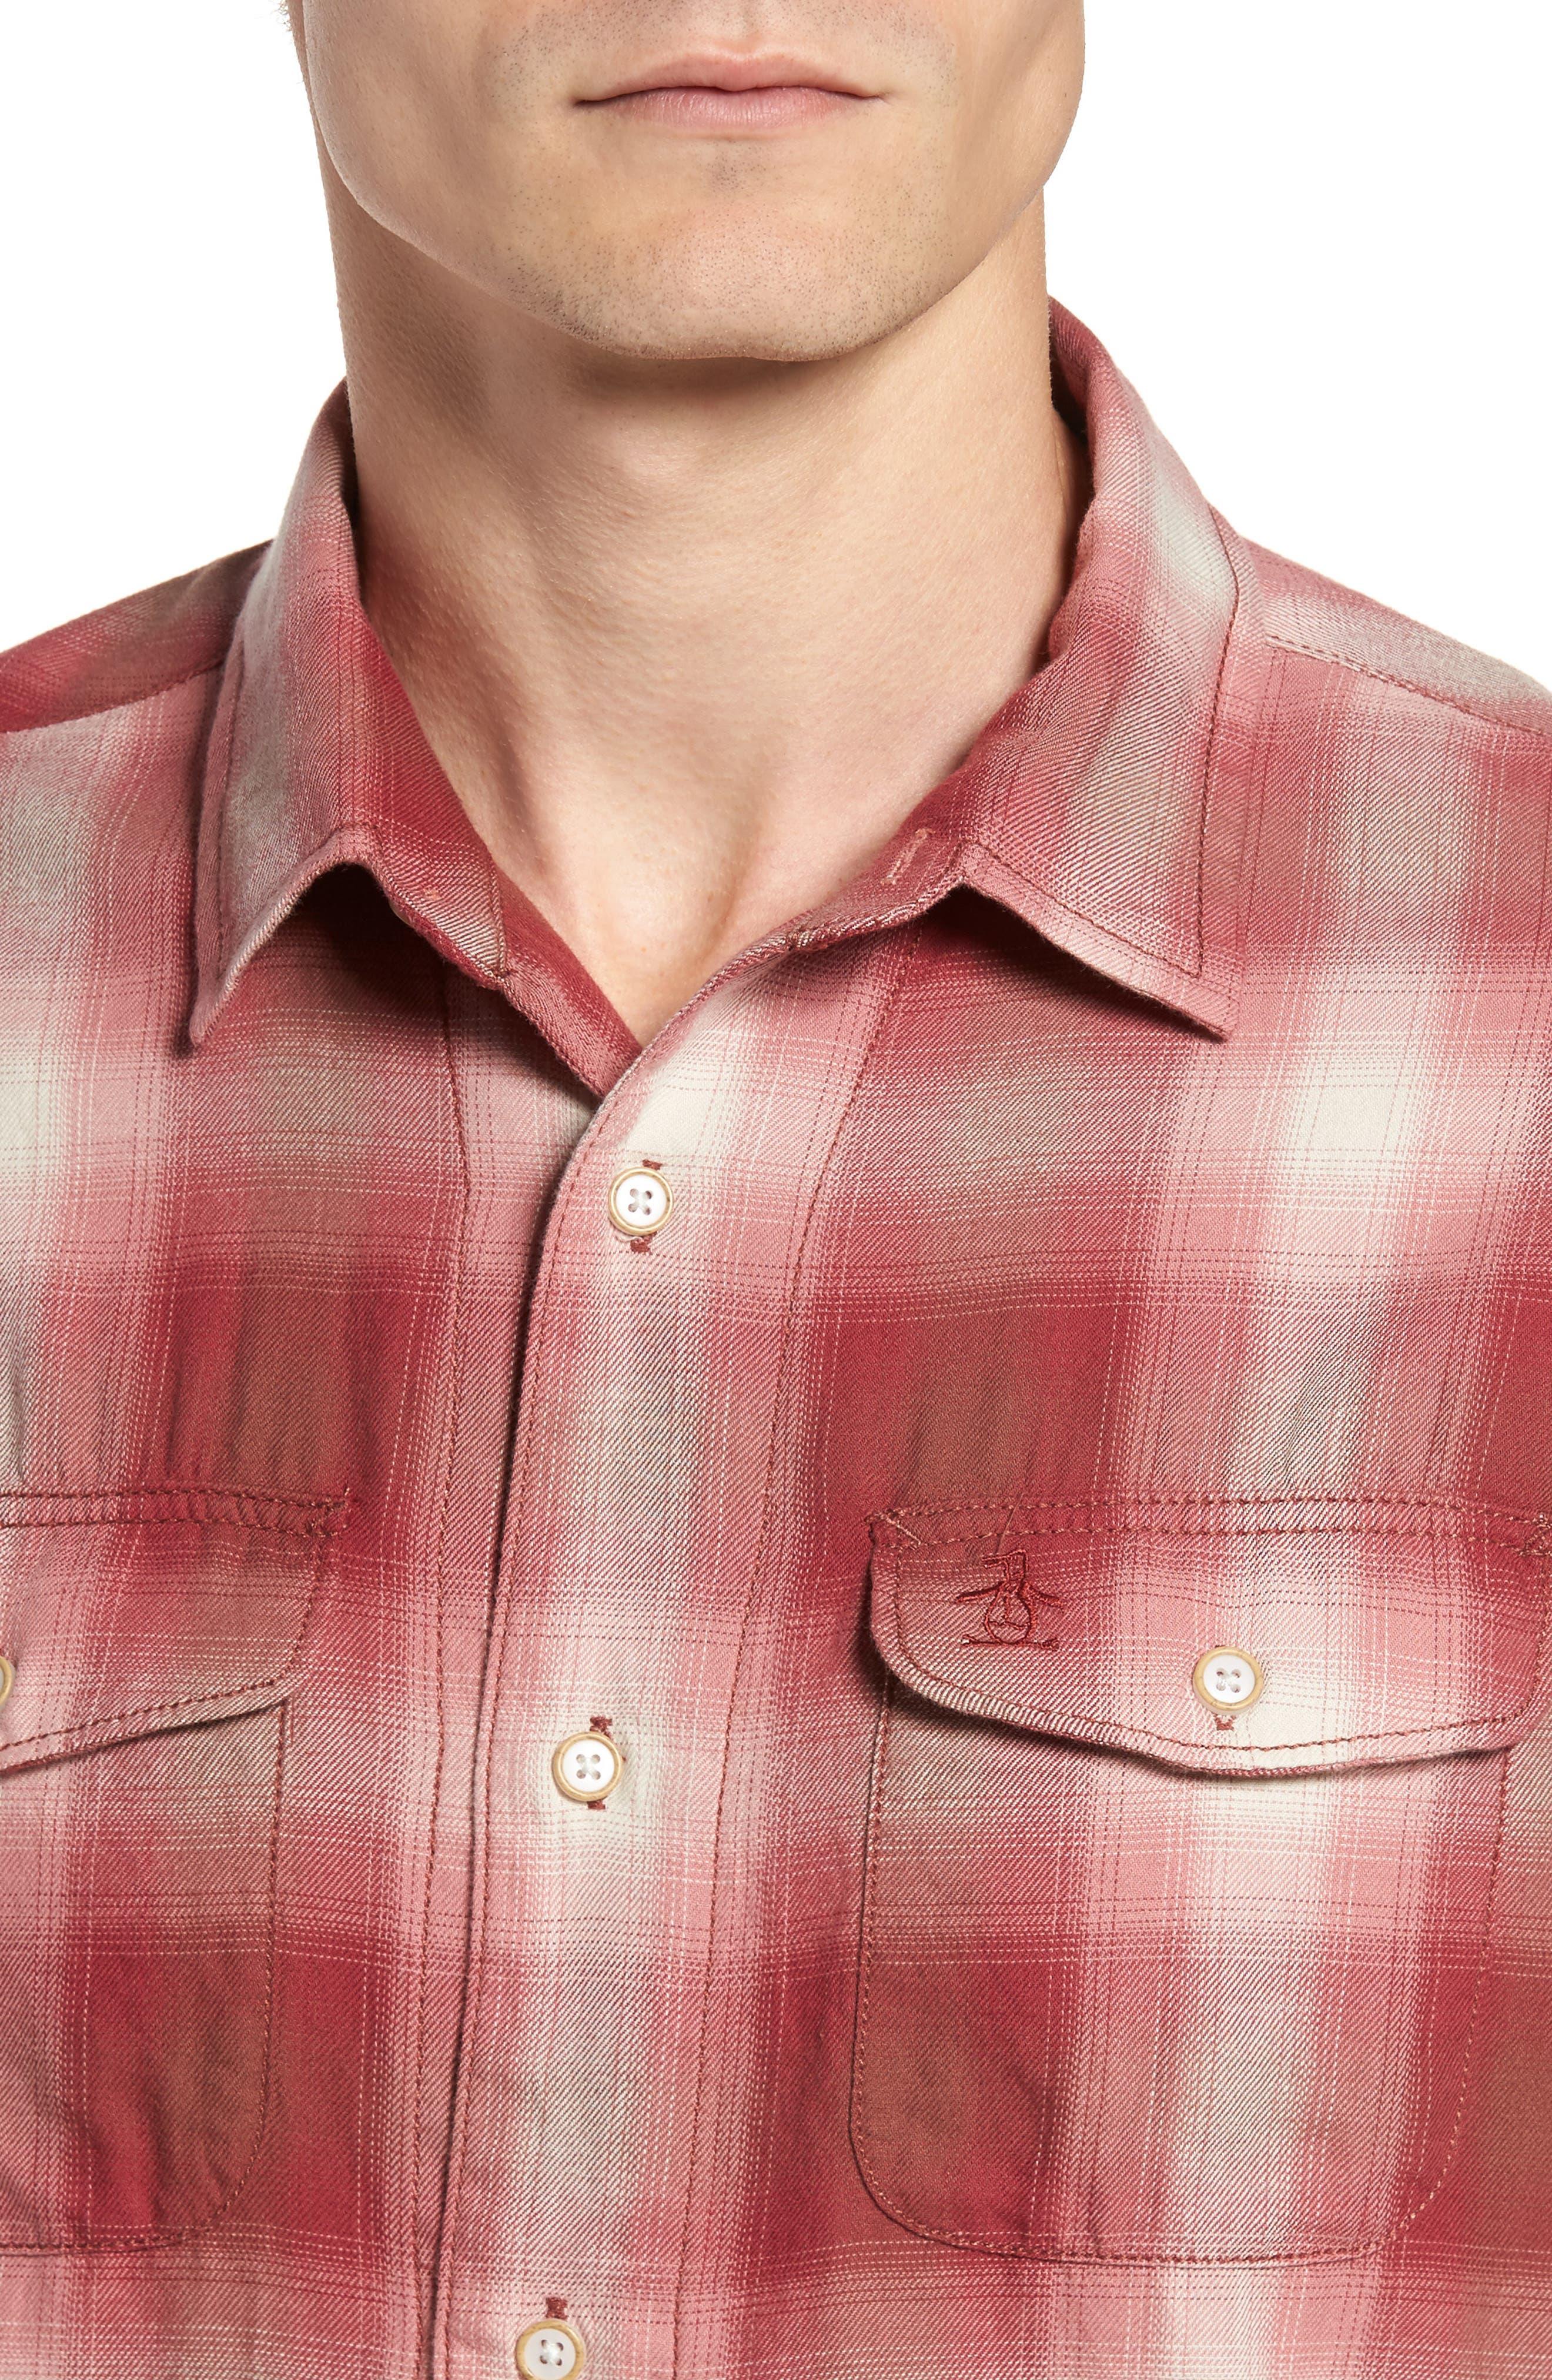 90s Plaid Flannel Shirt,                             Alternate thumbnail 4, color,                             643